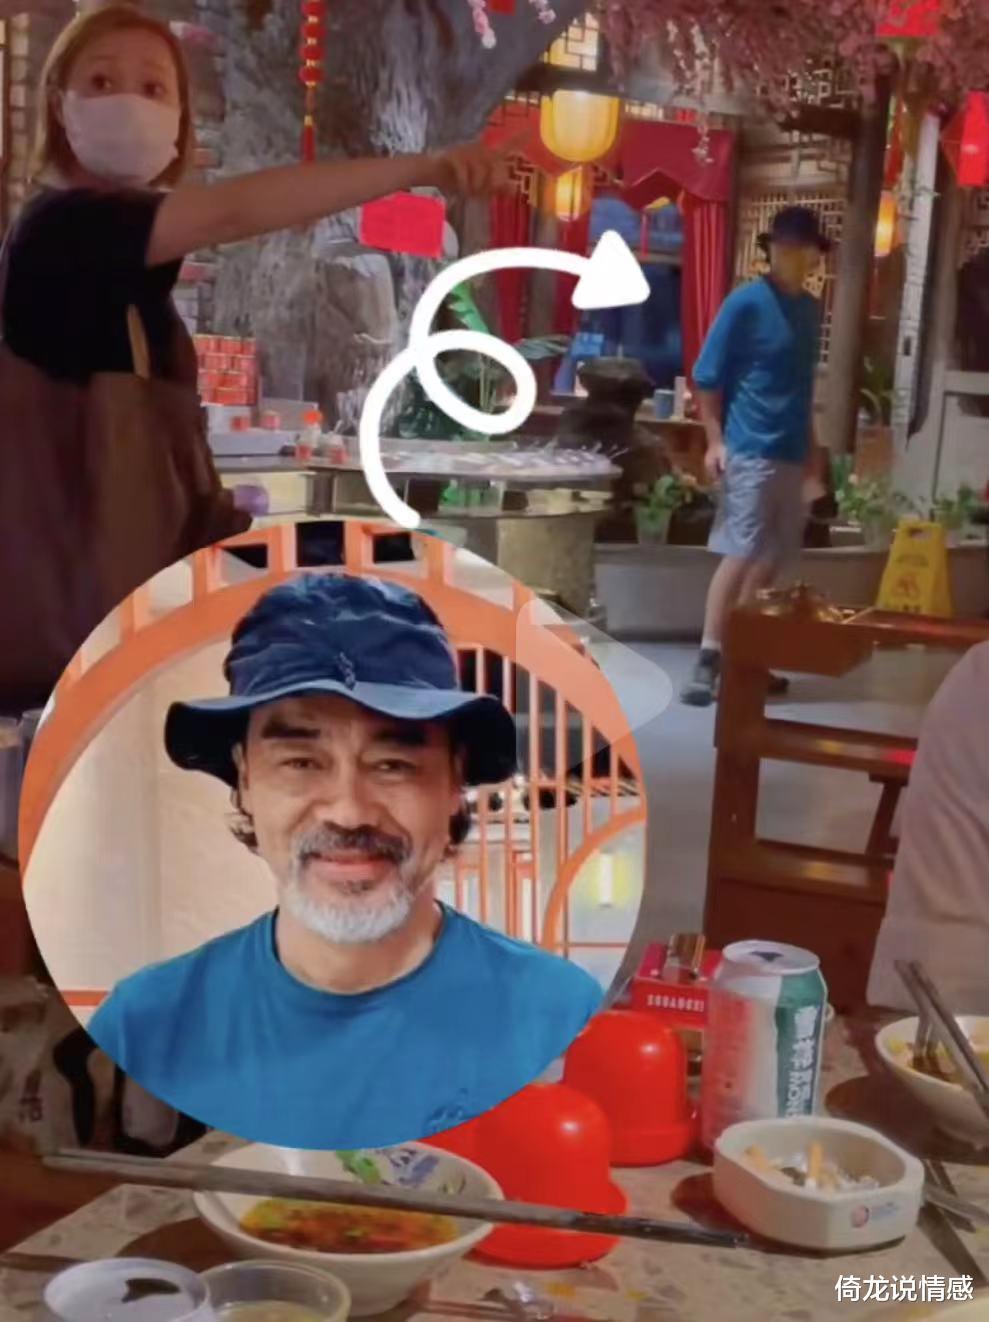 57岁刘青云近况,大胡子斑白不敢认,网友:老牌喷鼻港明星都老了